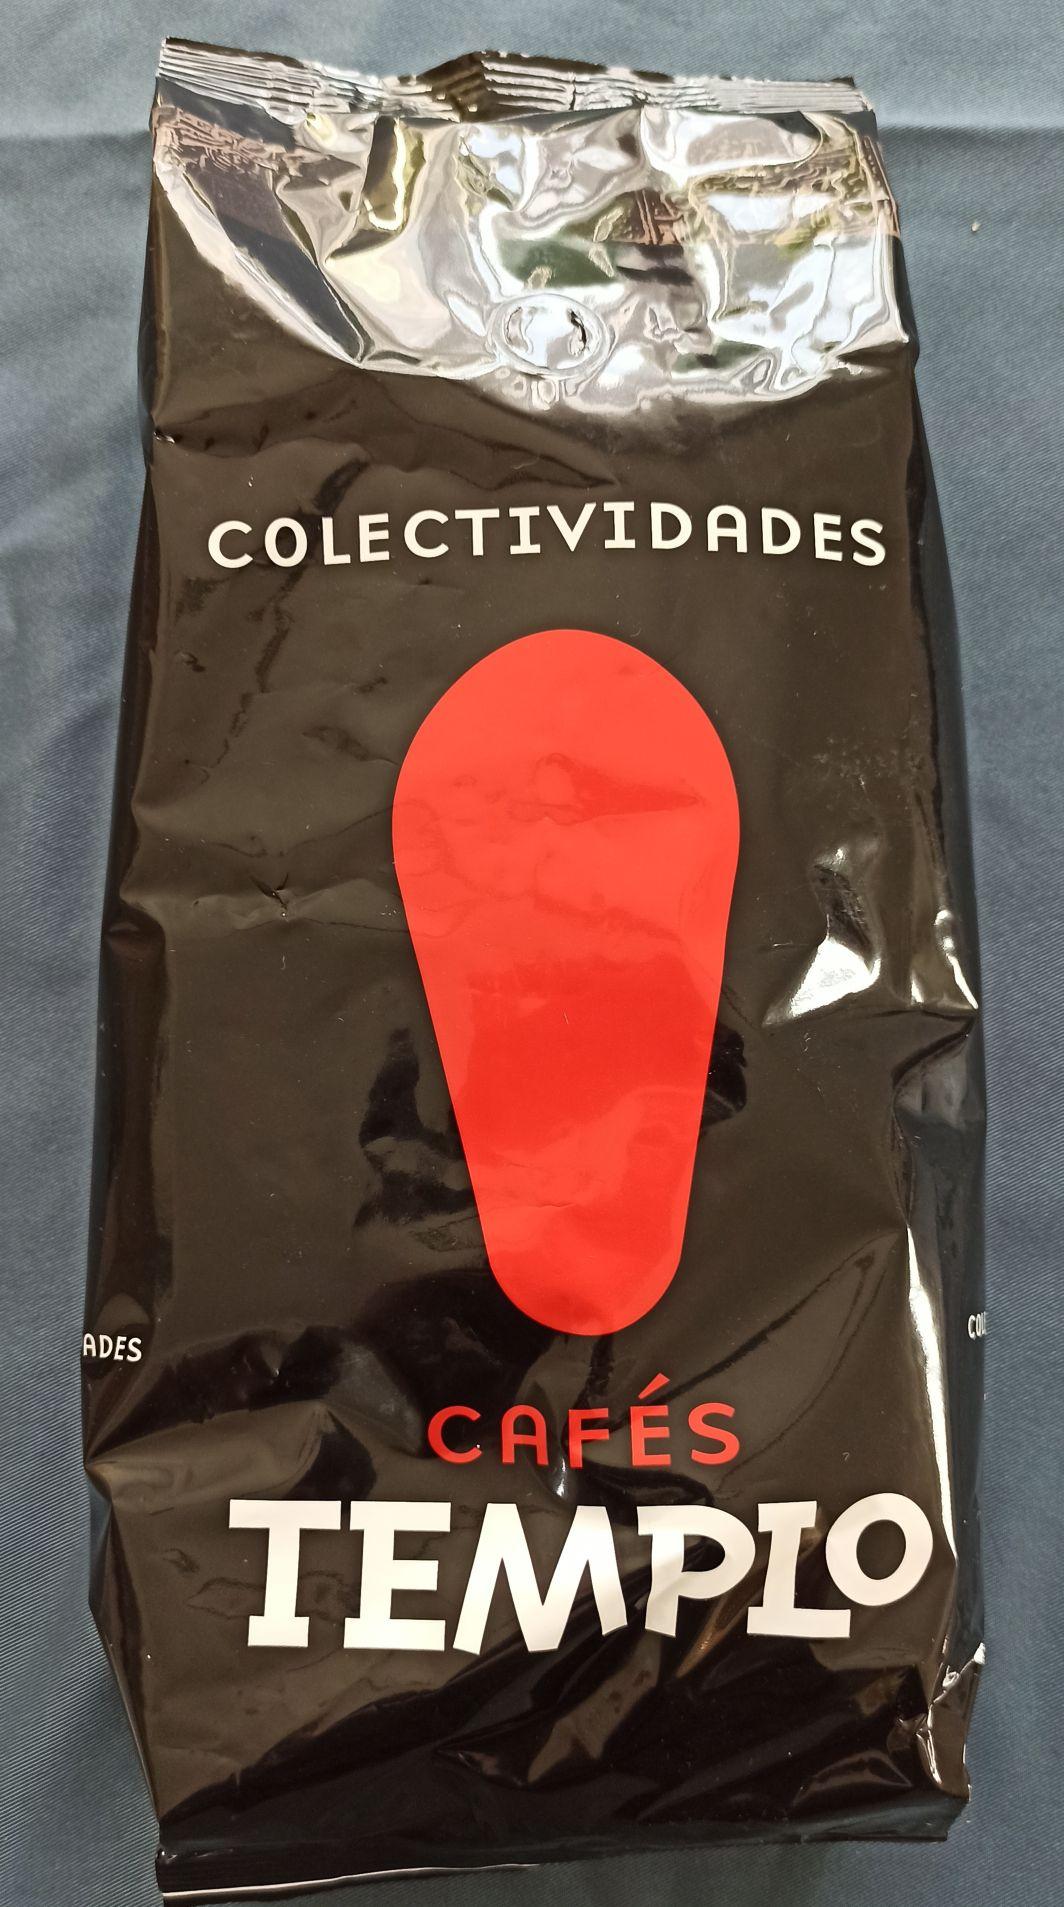 1 Kilo de Café en grains cafés Templo colectividades - Mondeville (14)